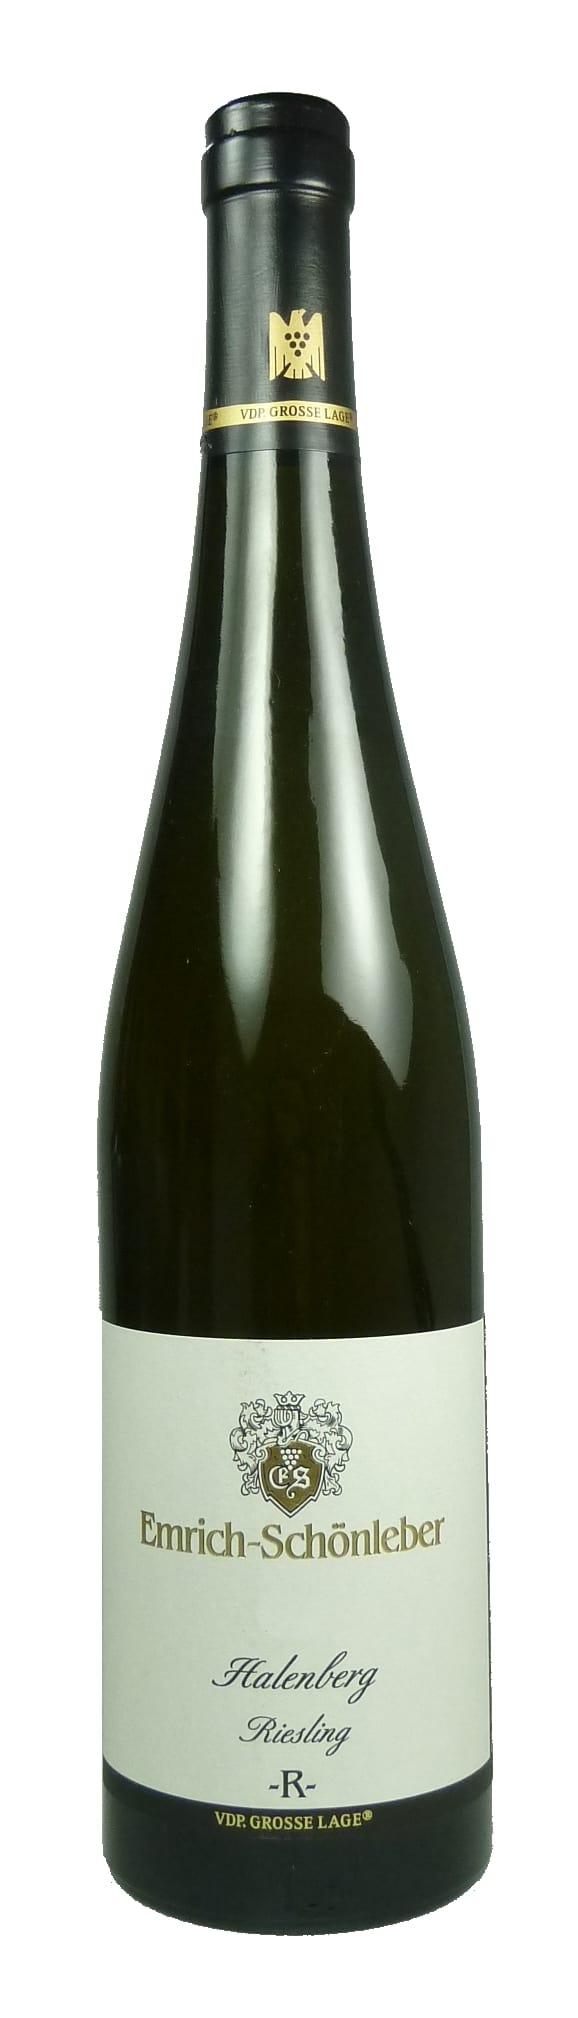 Halenberg Riesling R Qualitätswein trocken 2013